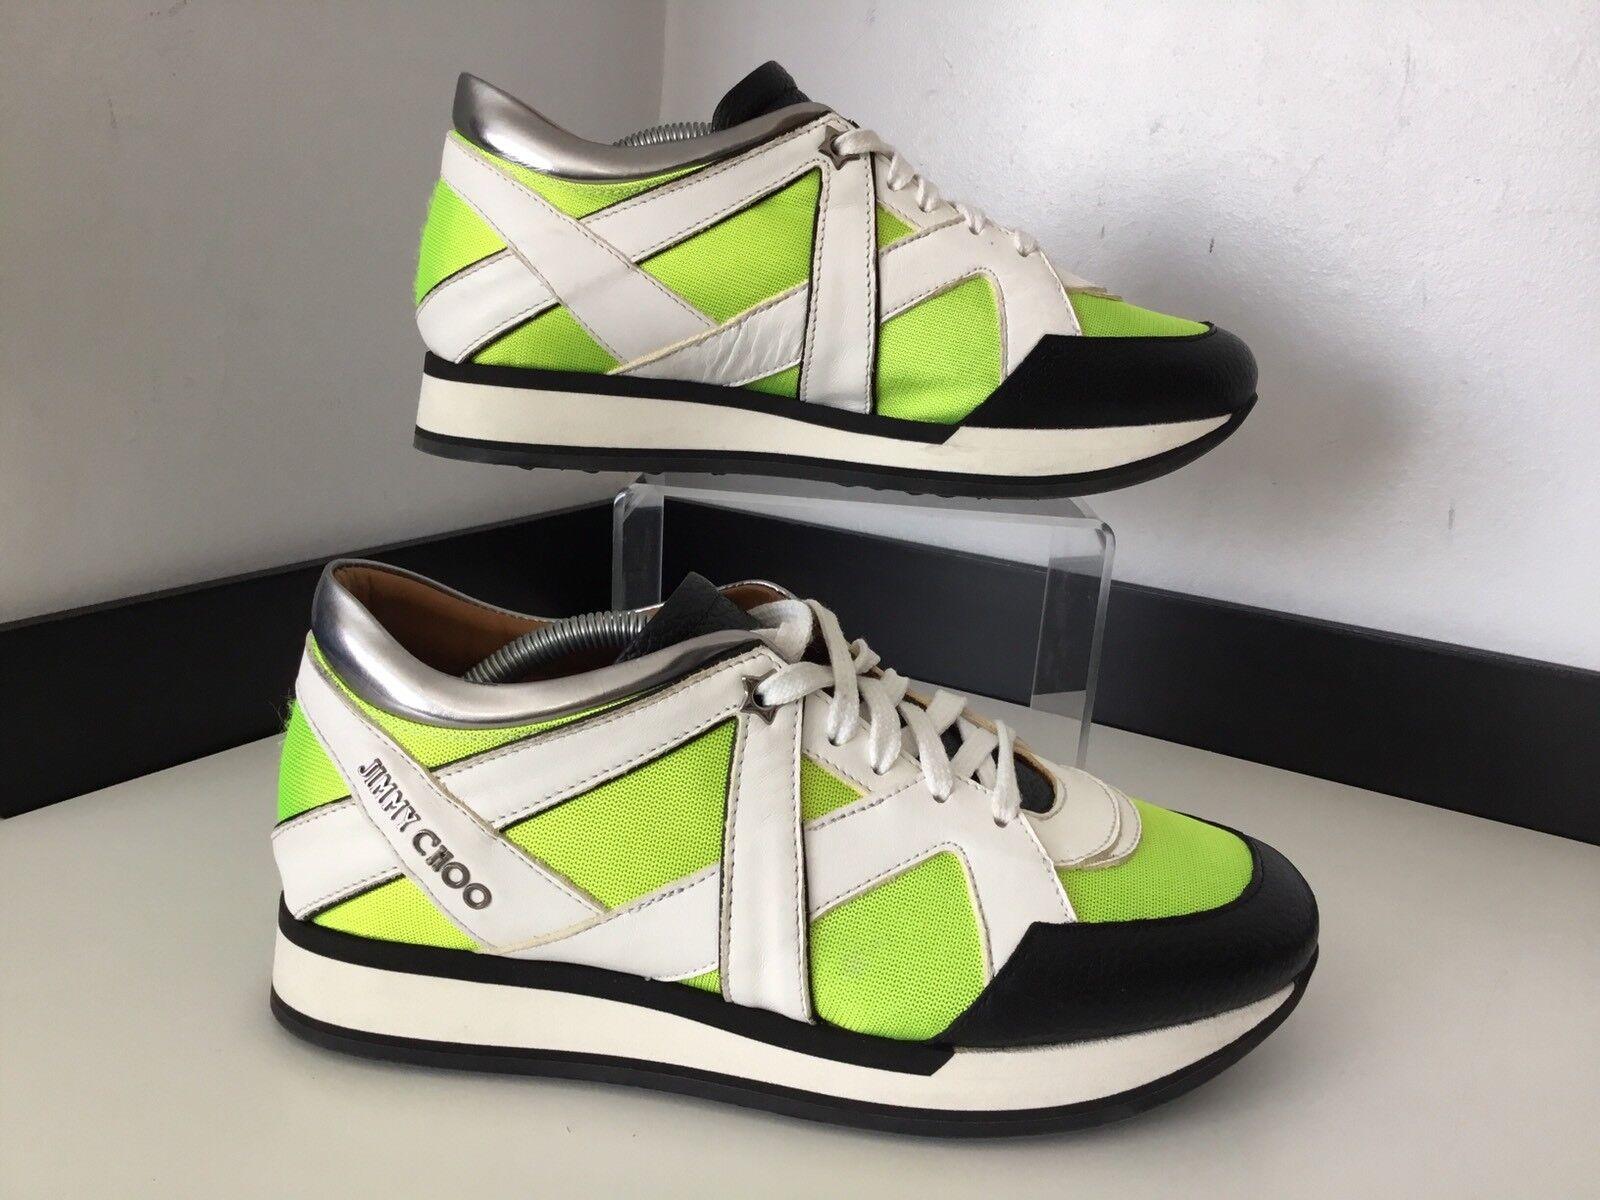 Jimmy Choo Zapatillas Corrojoores Talla 39.5 Reino Unido 6.5 en Negro Amarillo Zapatos en 6.5 muy buena condición d11692